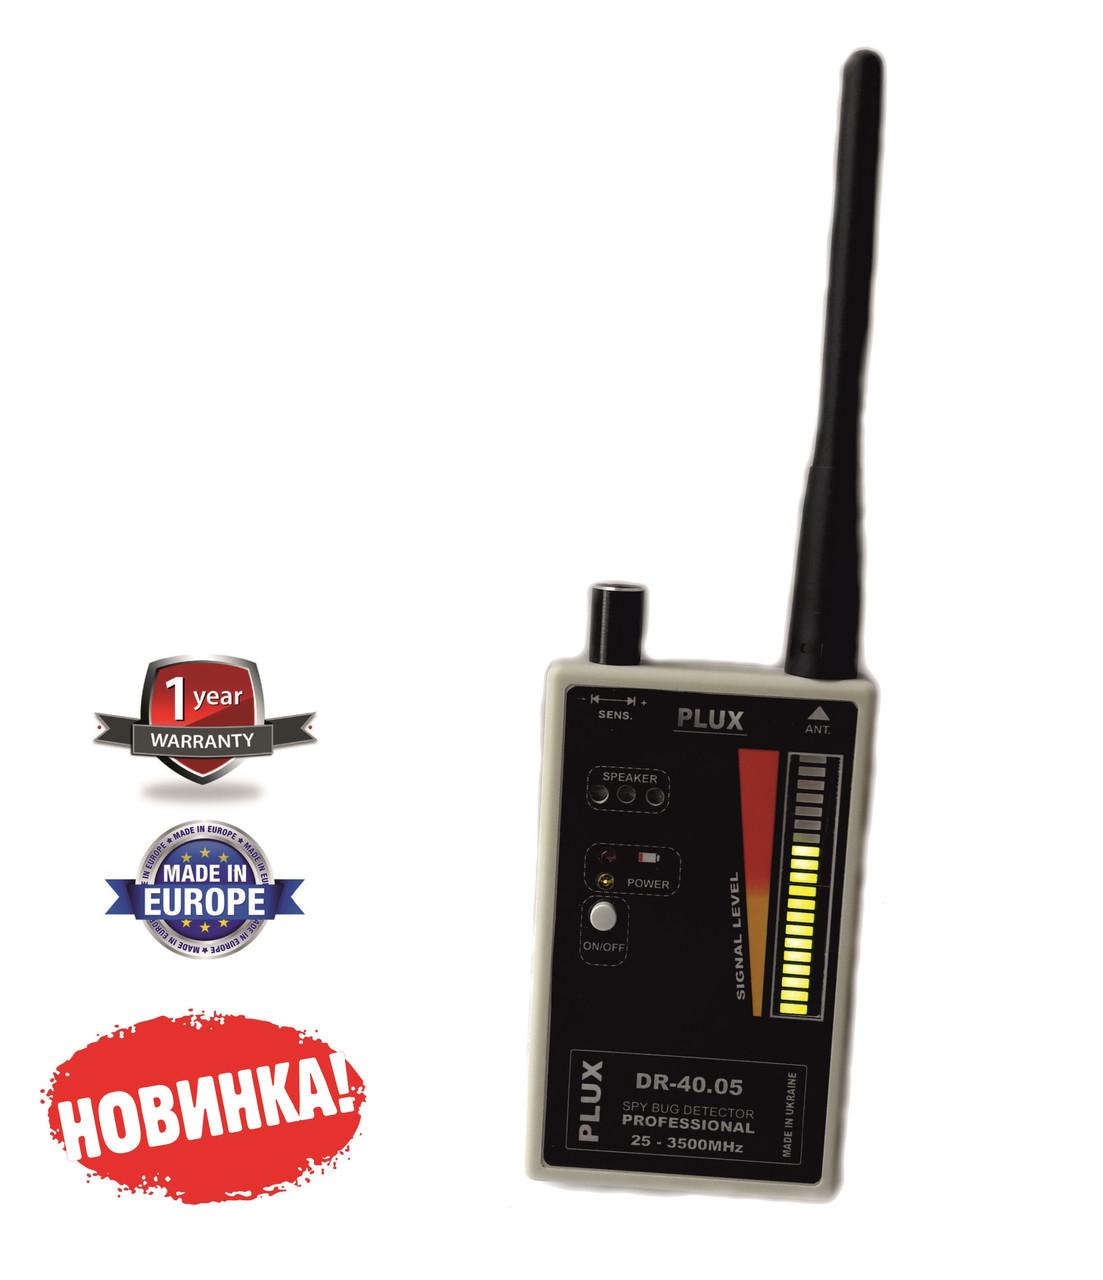 Антижучок, профессиональный детектор для выявления прослушки DR-40.05 - Pelikan Corporation в Львове